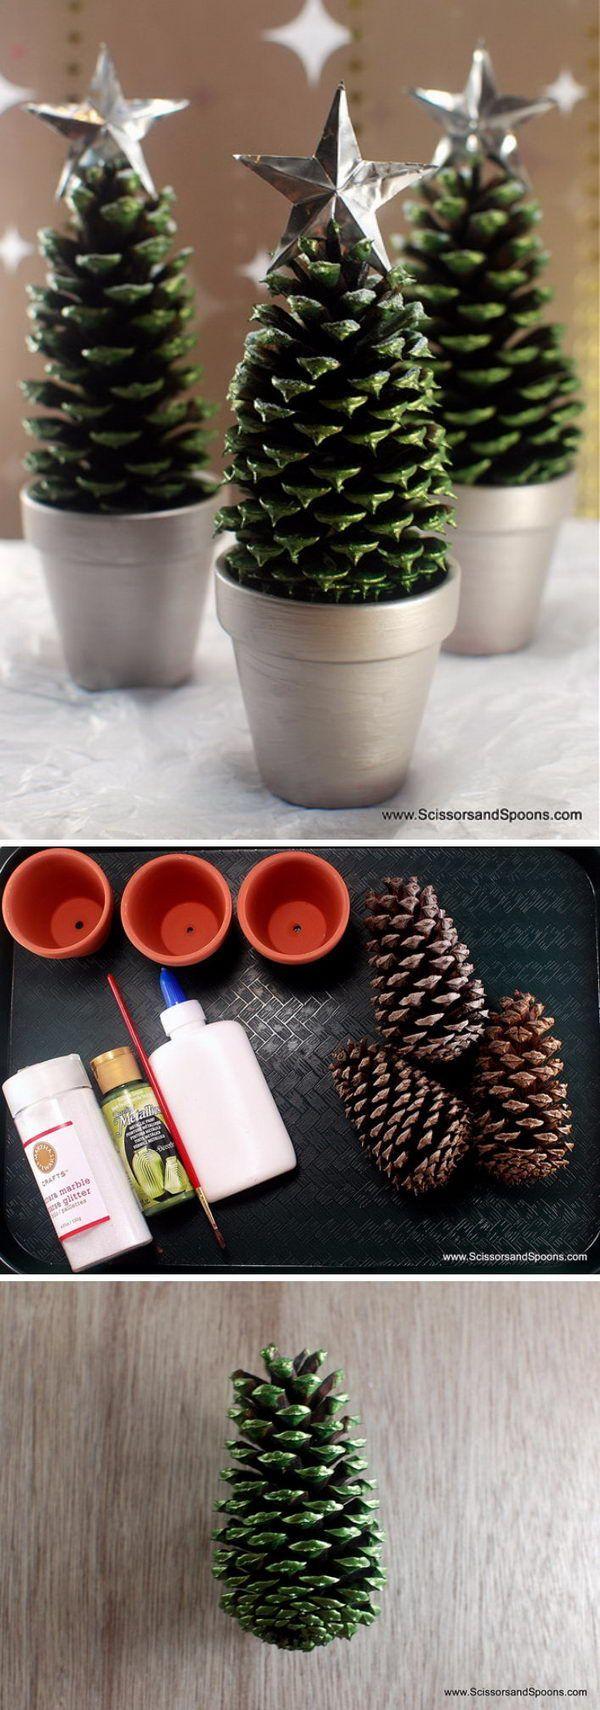 groß 22+ Fantastische DIY Weihnachtsdekoration Ideen und Tutorials auf Budget zu Hause